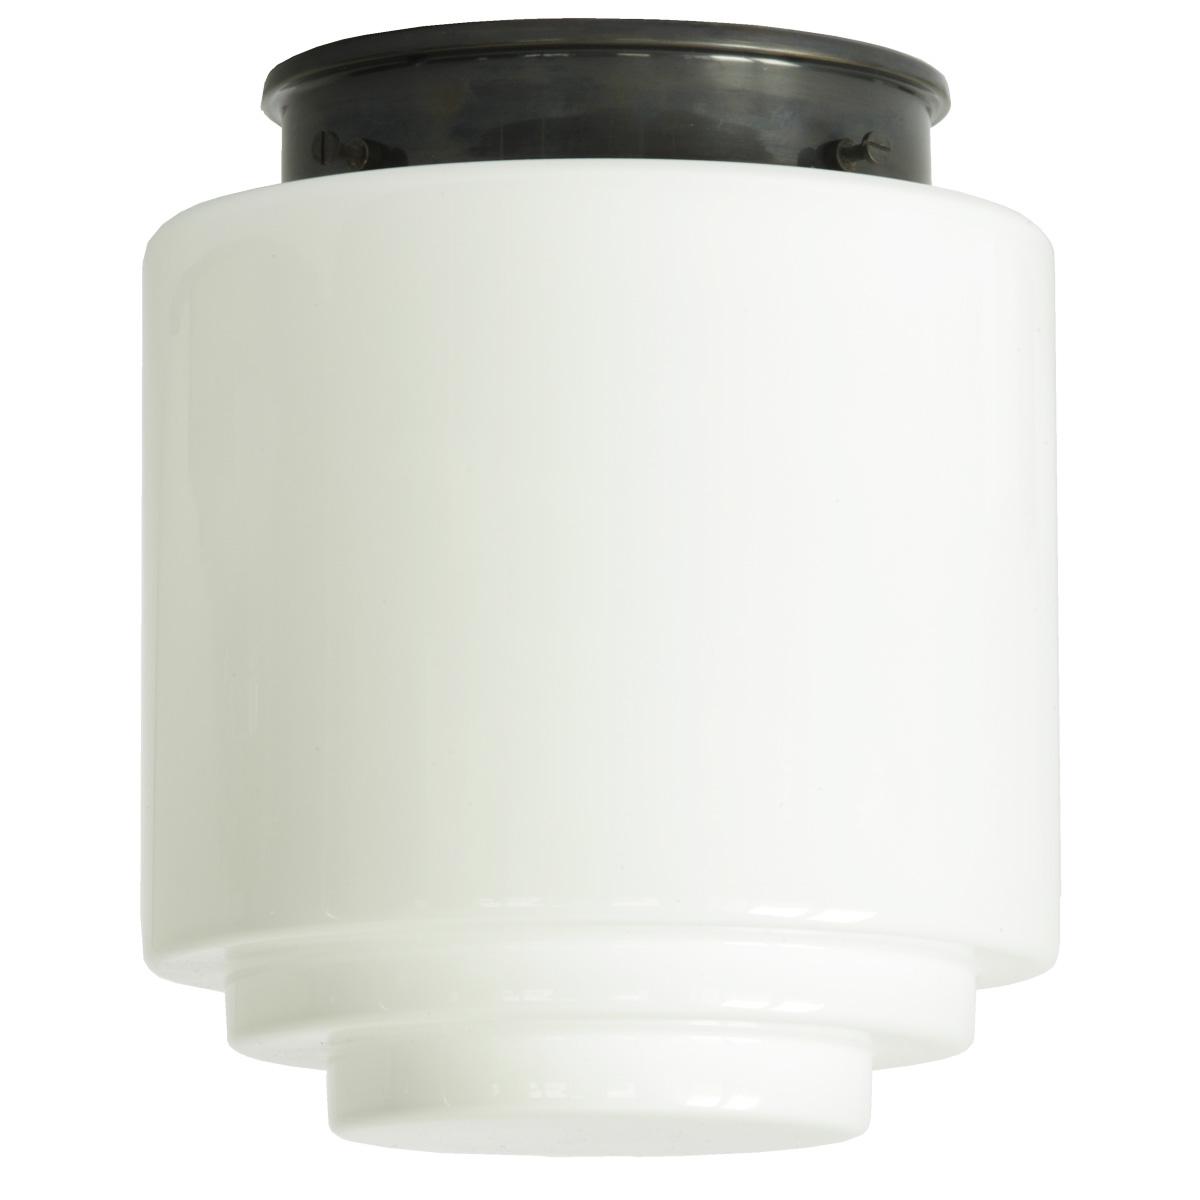 bauhaus deckenleuchte mit gestuftem opal zylinderglas 16 22 cm casa lumi. Black Bedroom Furniture Sets. Home Design Ideas